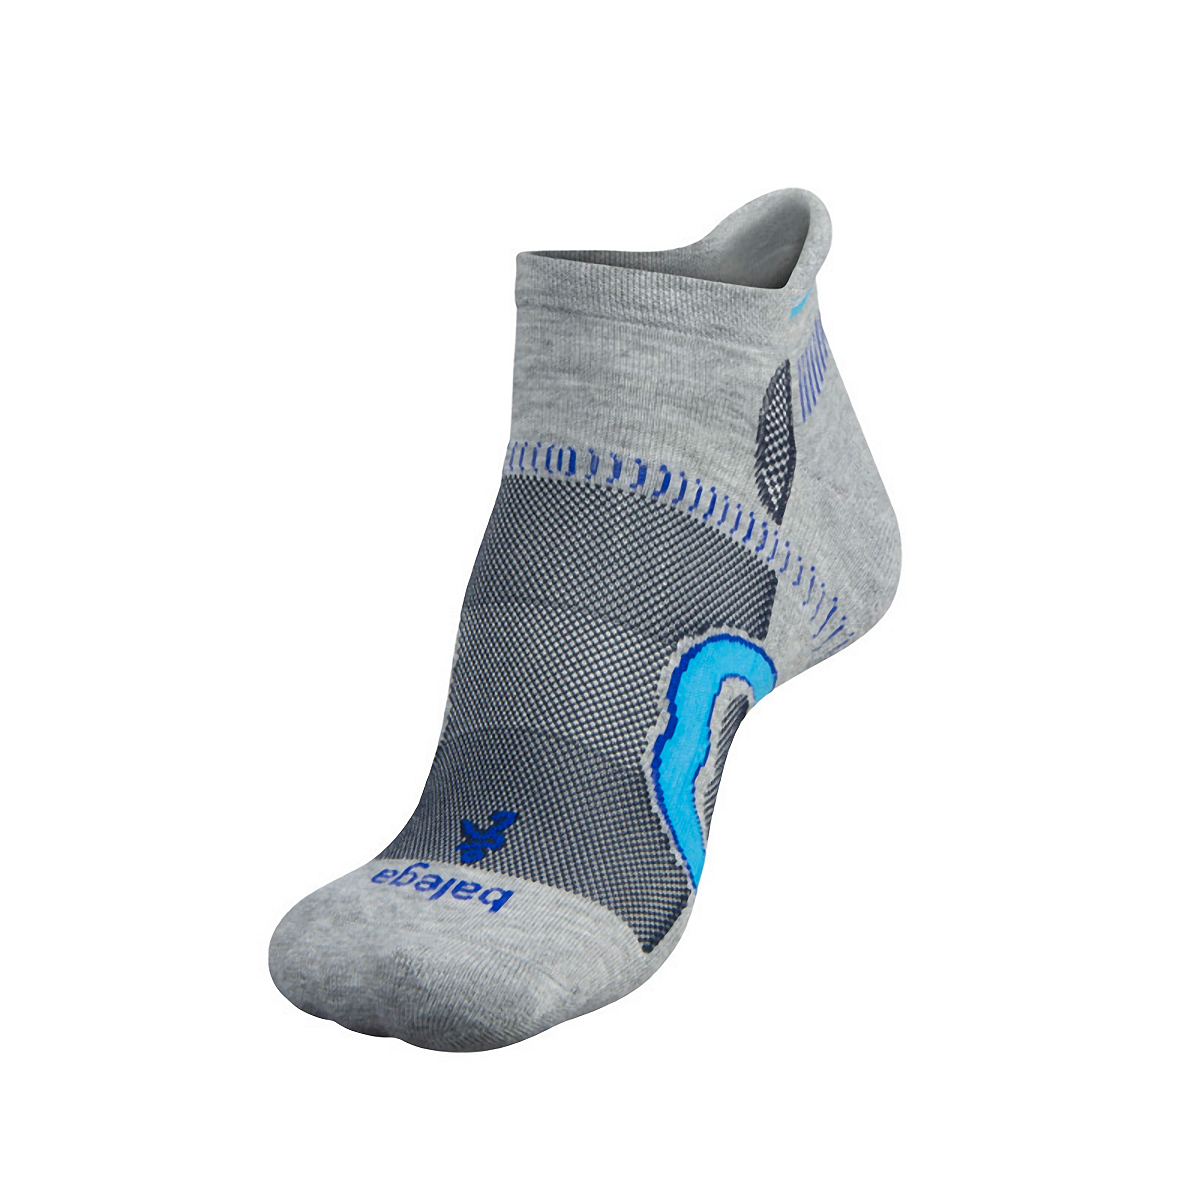 Balega Hidden Contour Socks - Color: Mid Grey/Ink Size: XL, Mid Grey/Ink, large, image 2